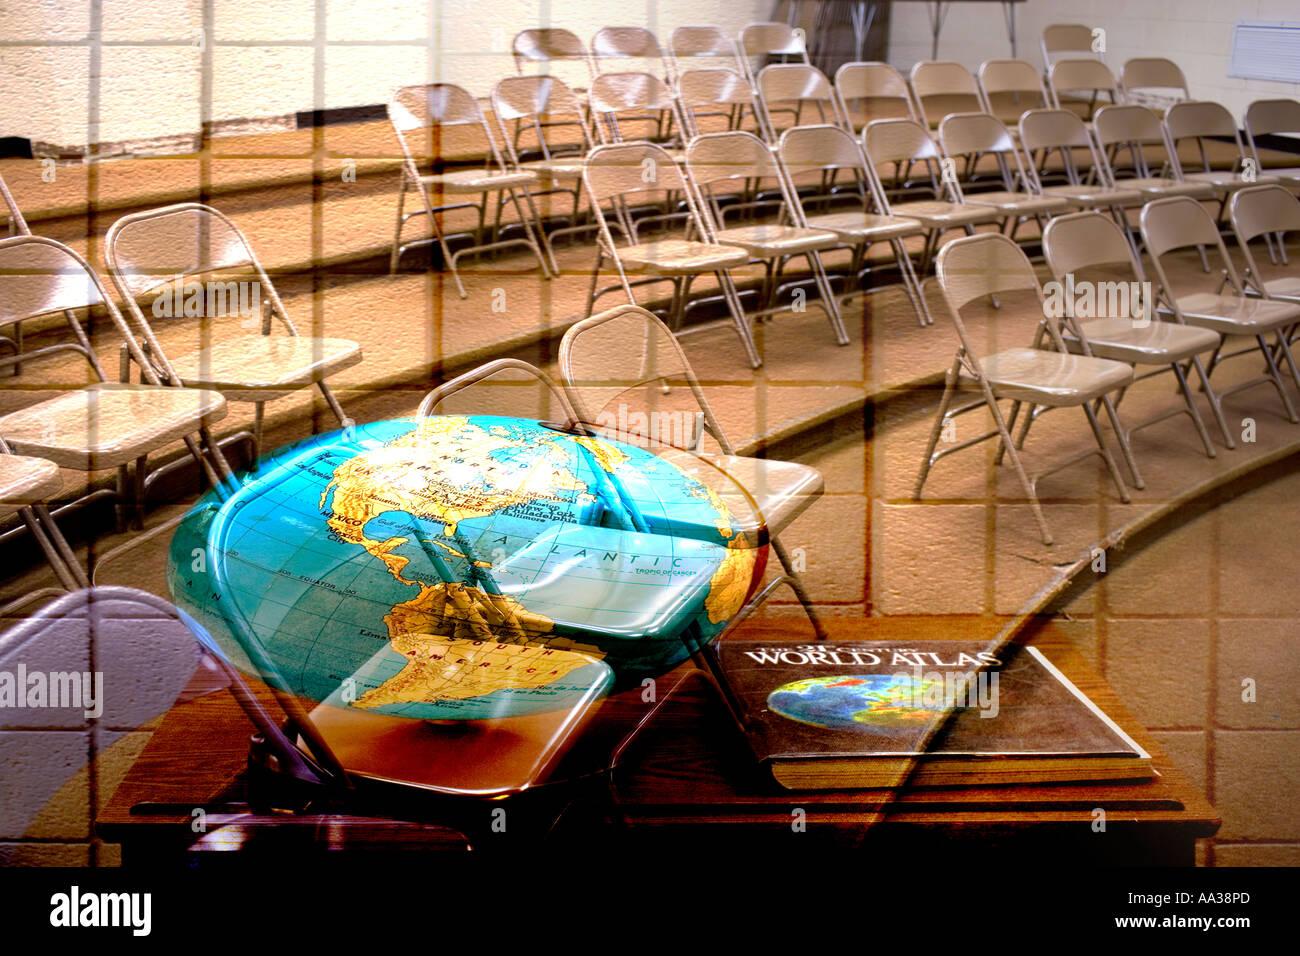 Las aulas de la escuela de alto concepto Imagen De Stock